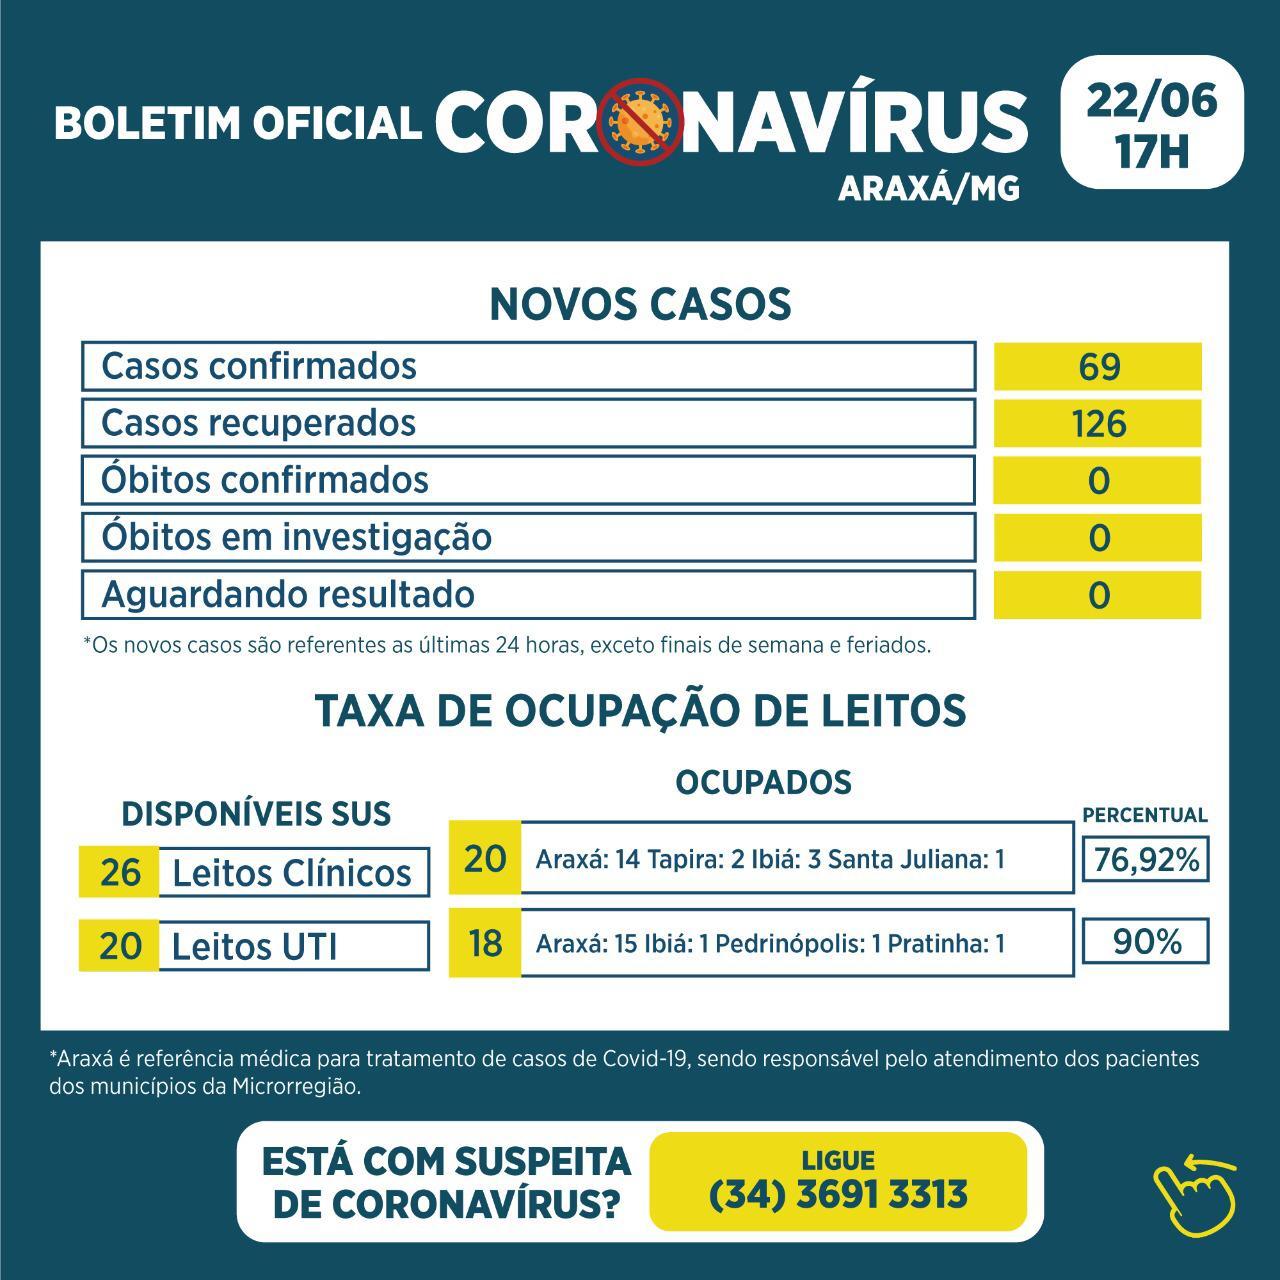 Boletim registra 69 novos casos e 126 recuperados da Covid-19 1